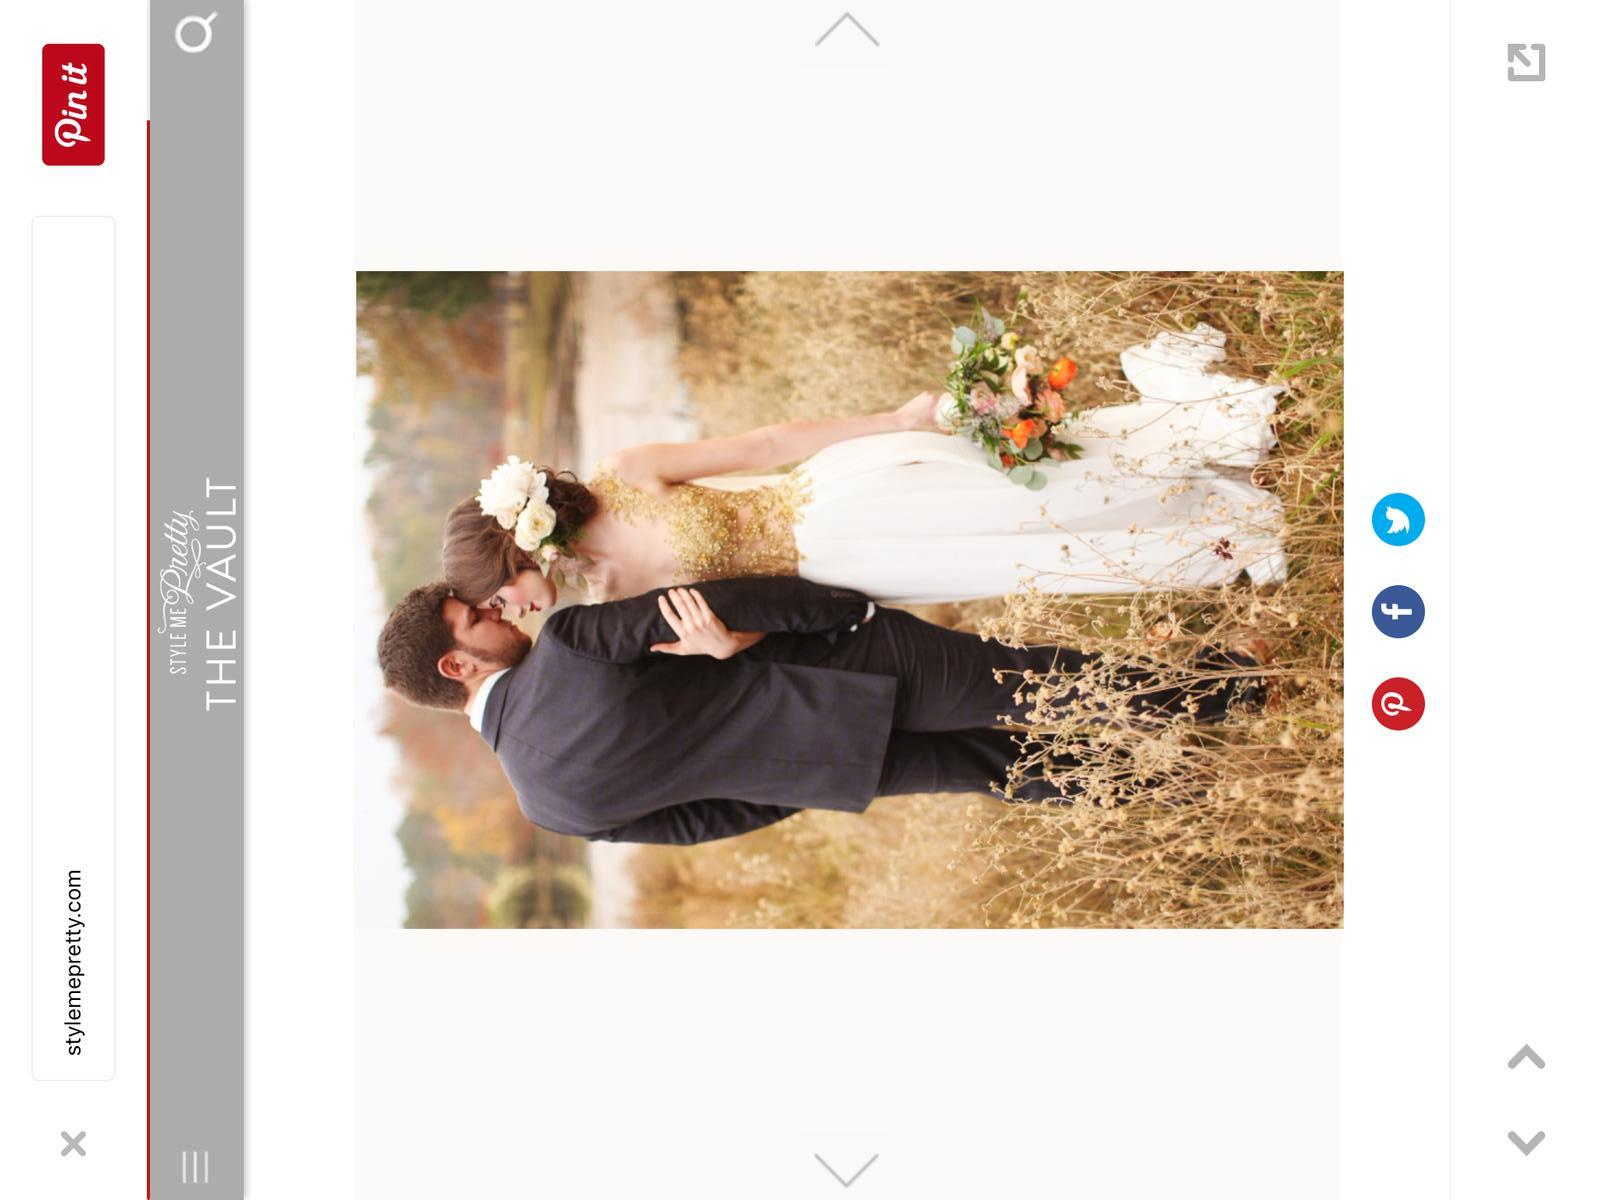 Svadobne pozy a close up photography - Obrázok č. 58